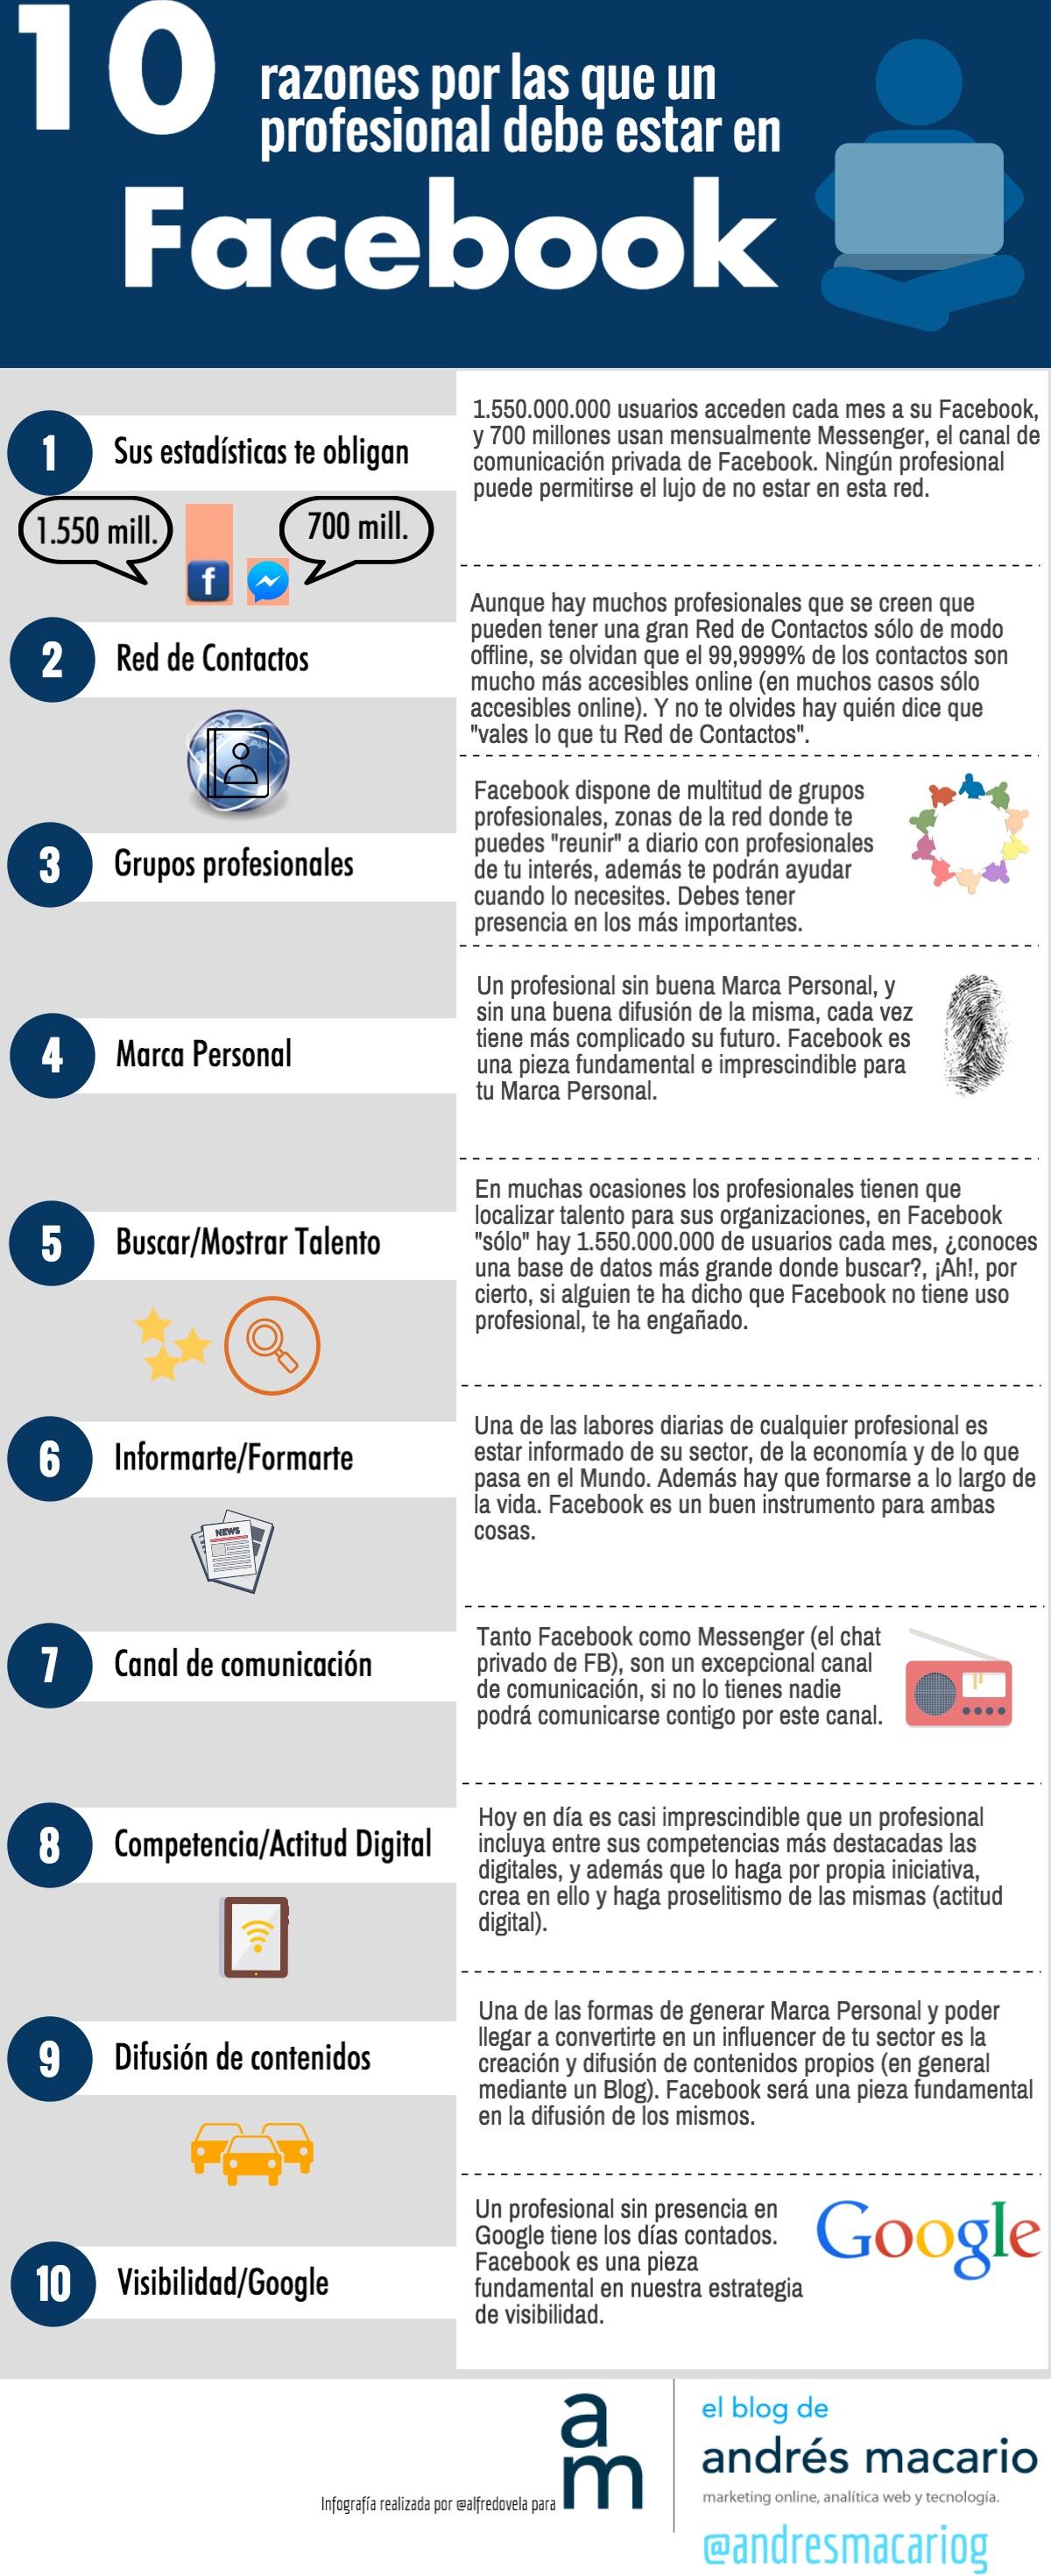 10-razones-por-las-que-un-profesional-debe-estar-facebook-Infografia-Andres Macacario-AF